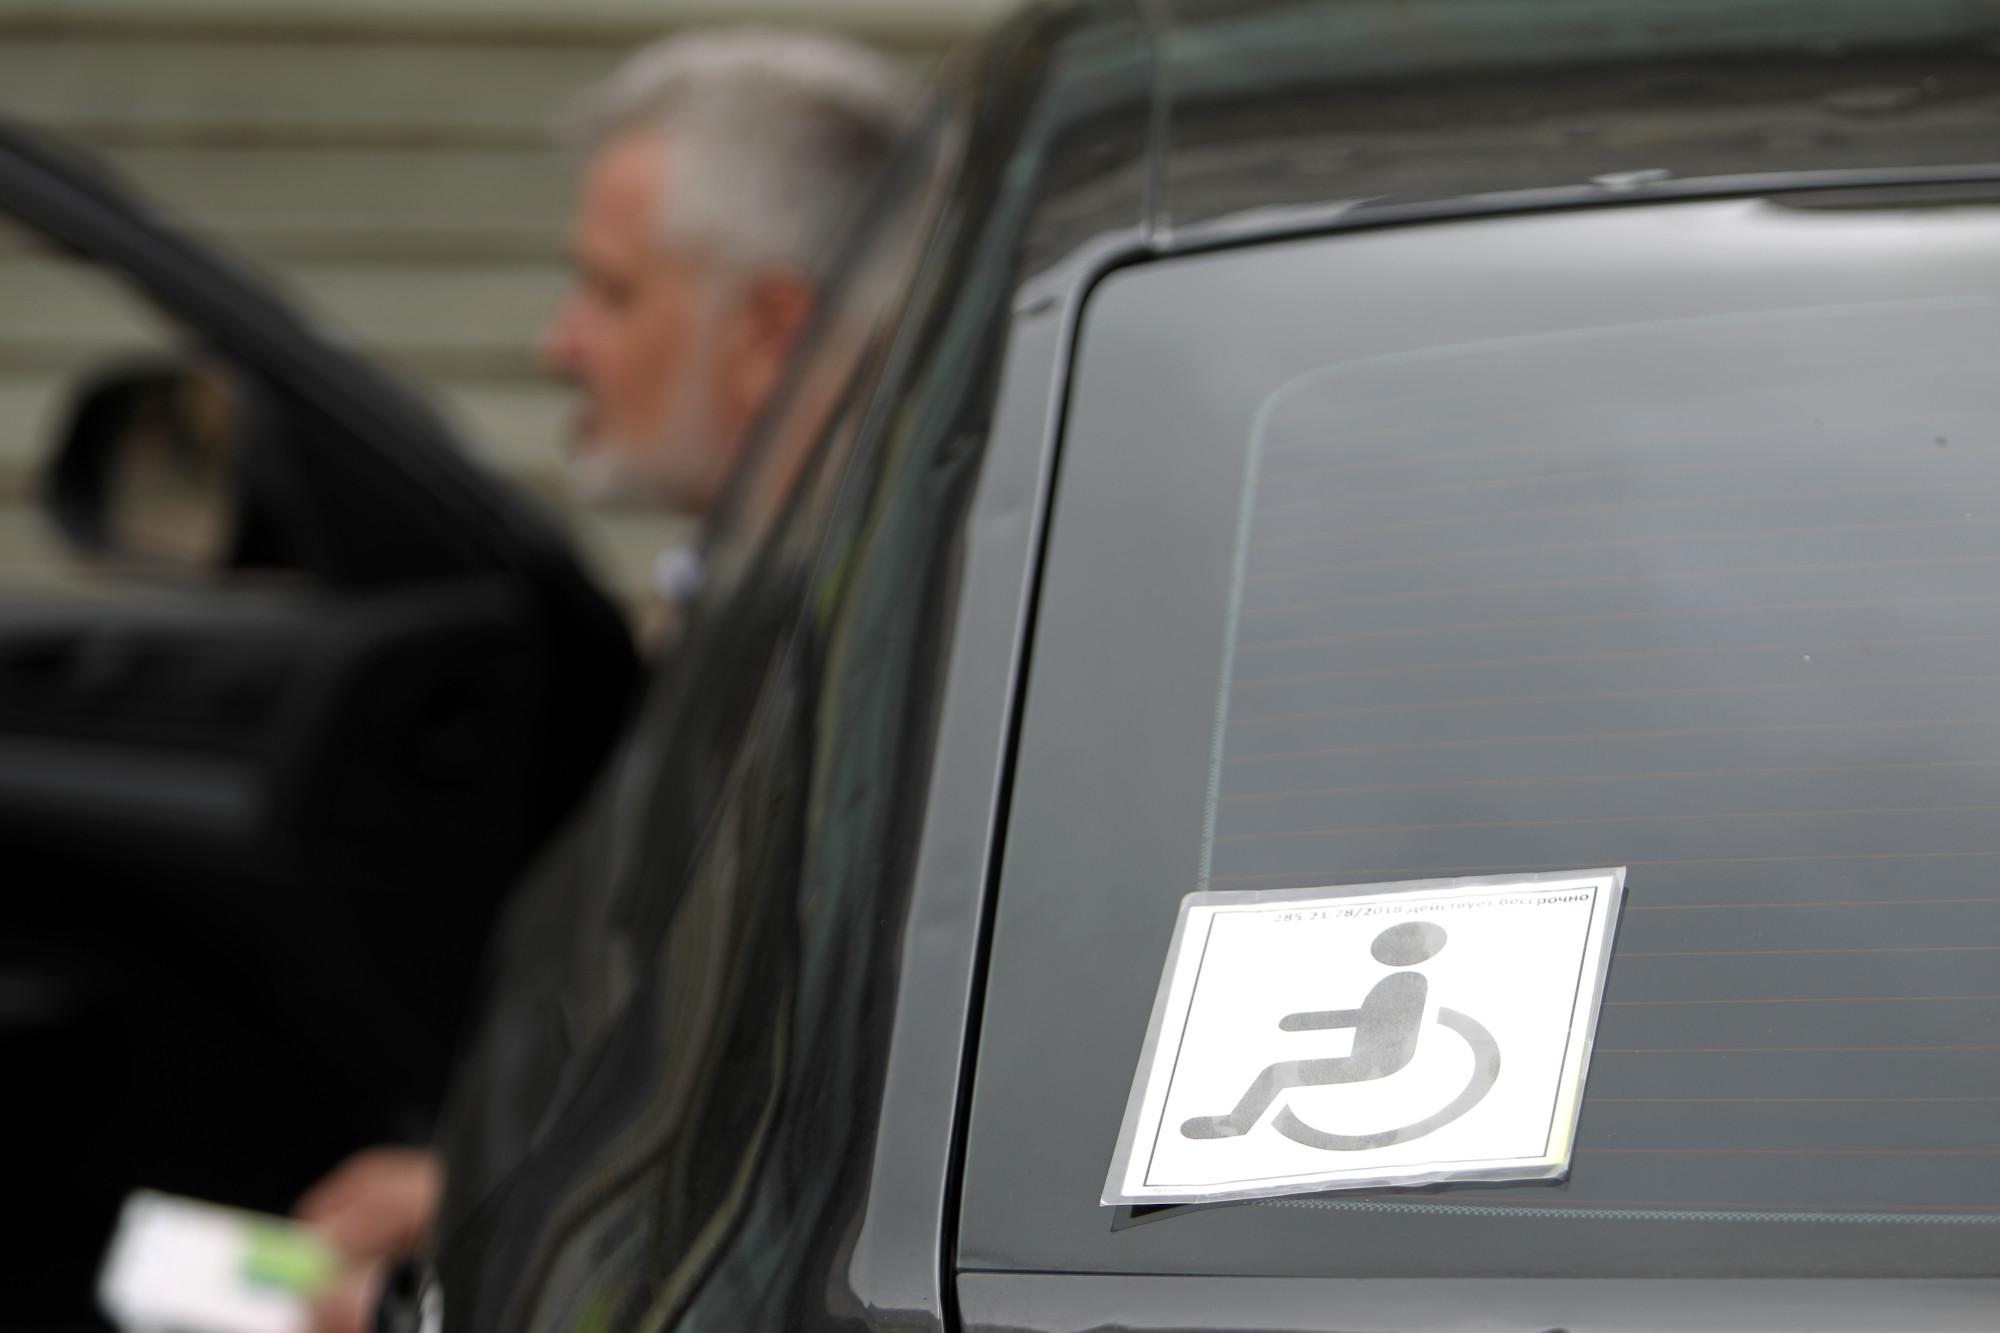 парковка, стоянка, автомобиль, инвалиды